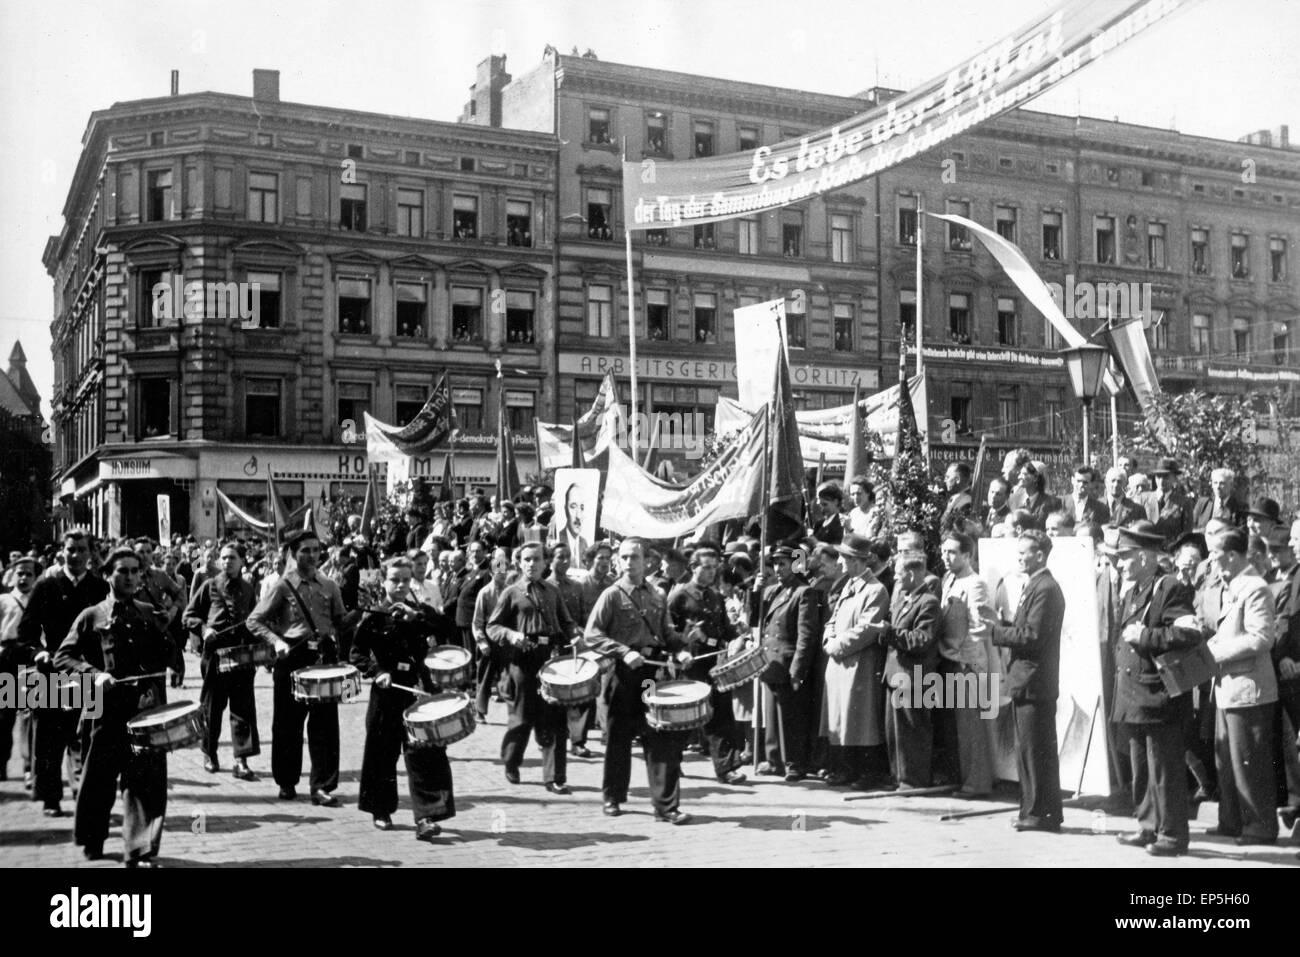 Original-Bildunterschrift: 'Unser Foto zeigt die Ehrentribüne mit Vertretern der neachbarten Volksrepublik - Stock Image